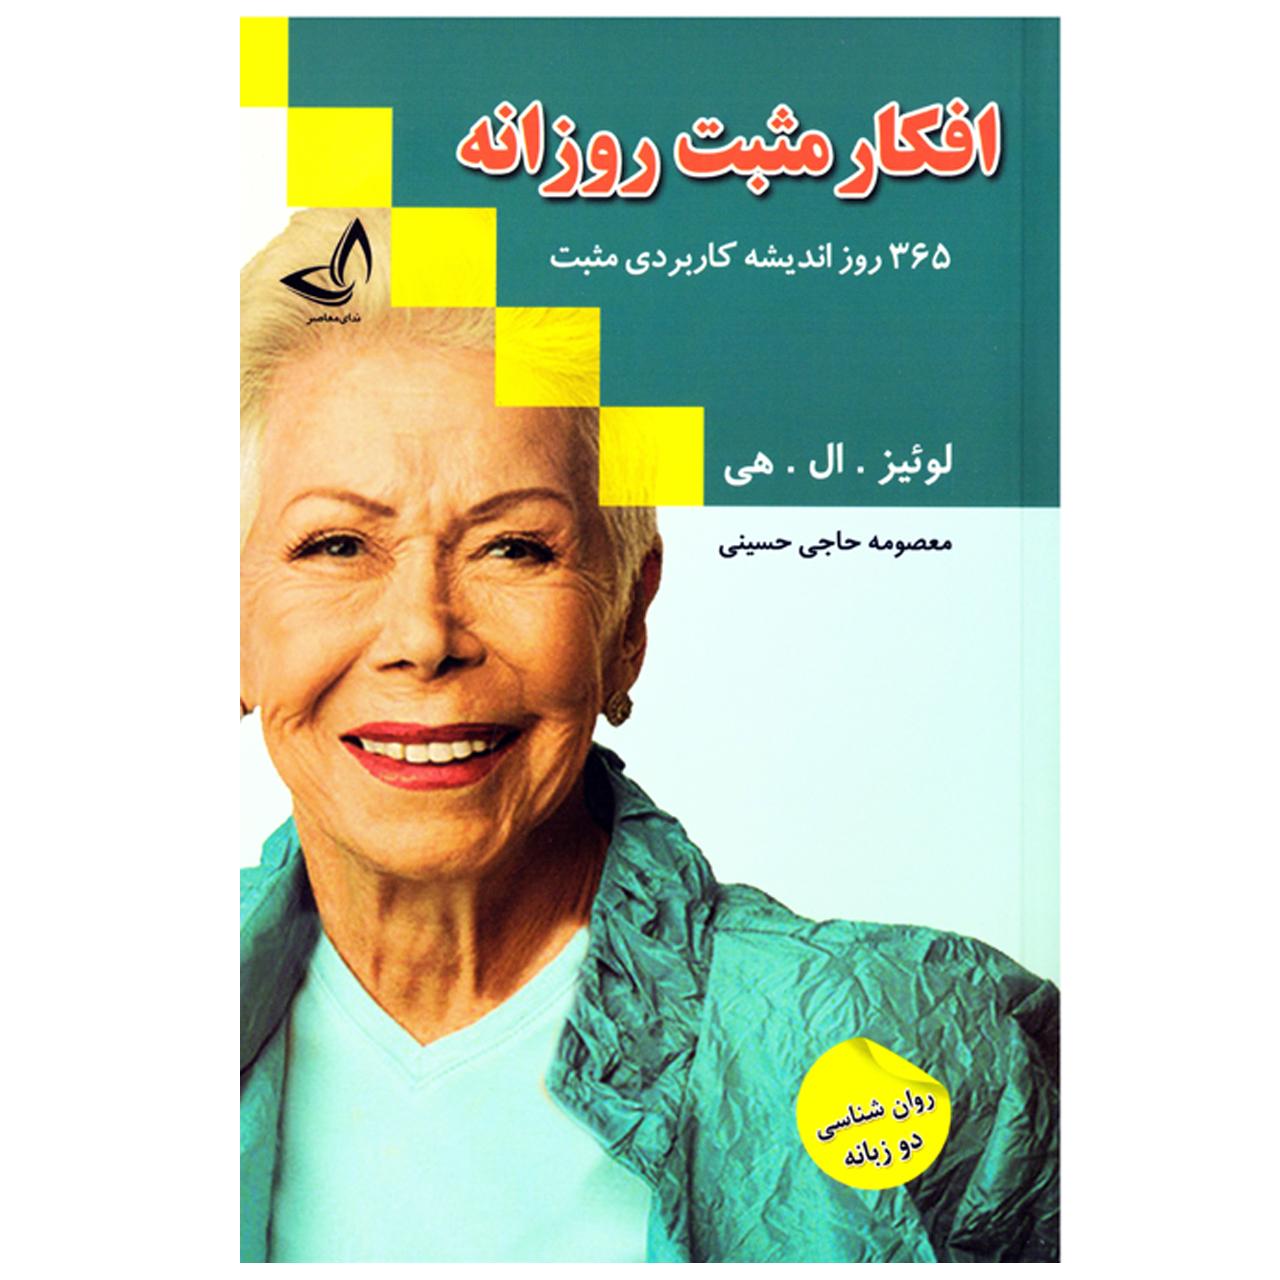 خرید                      کتاب افکار مثبت روزانه اثر لوئیز ال هی نشر ندای معاصر